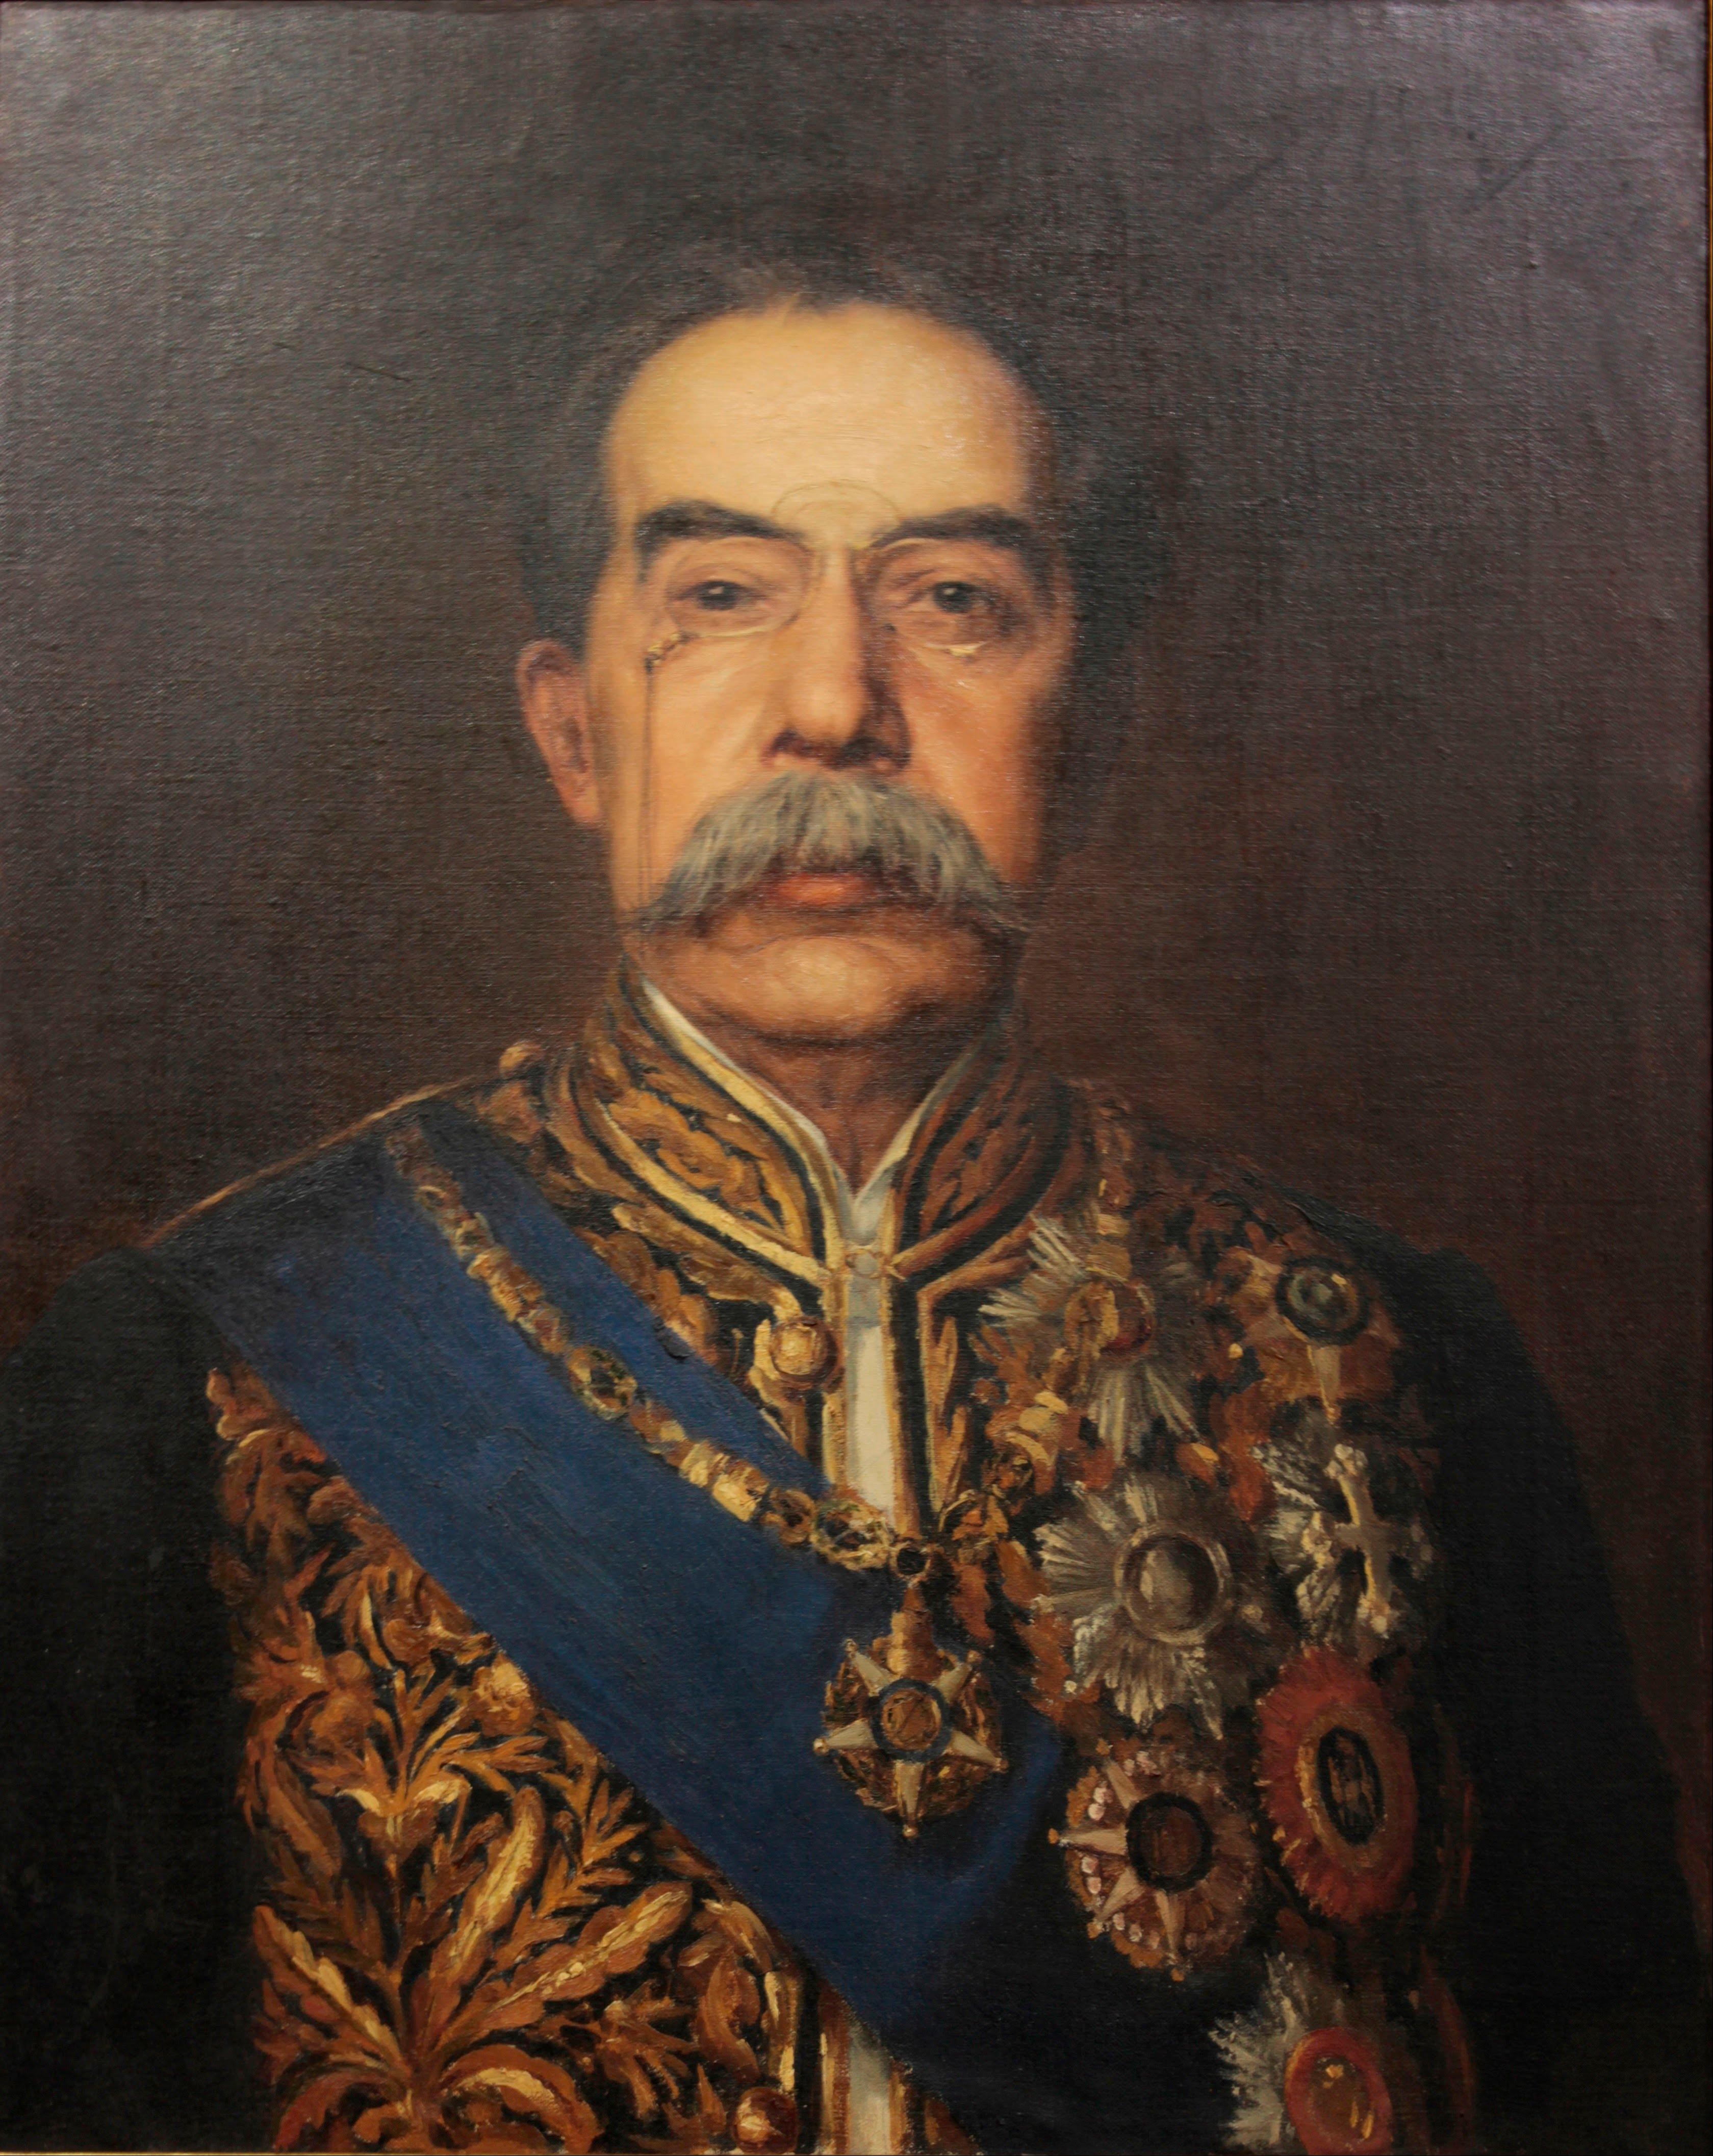 Veja o que saiu no Migalhas sobre José Luciano de Castro